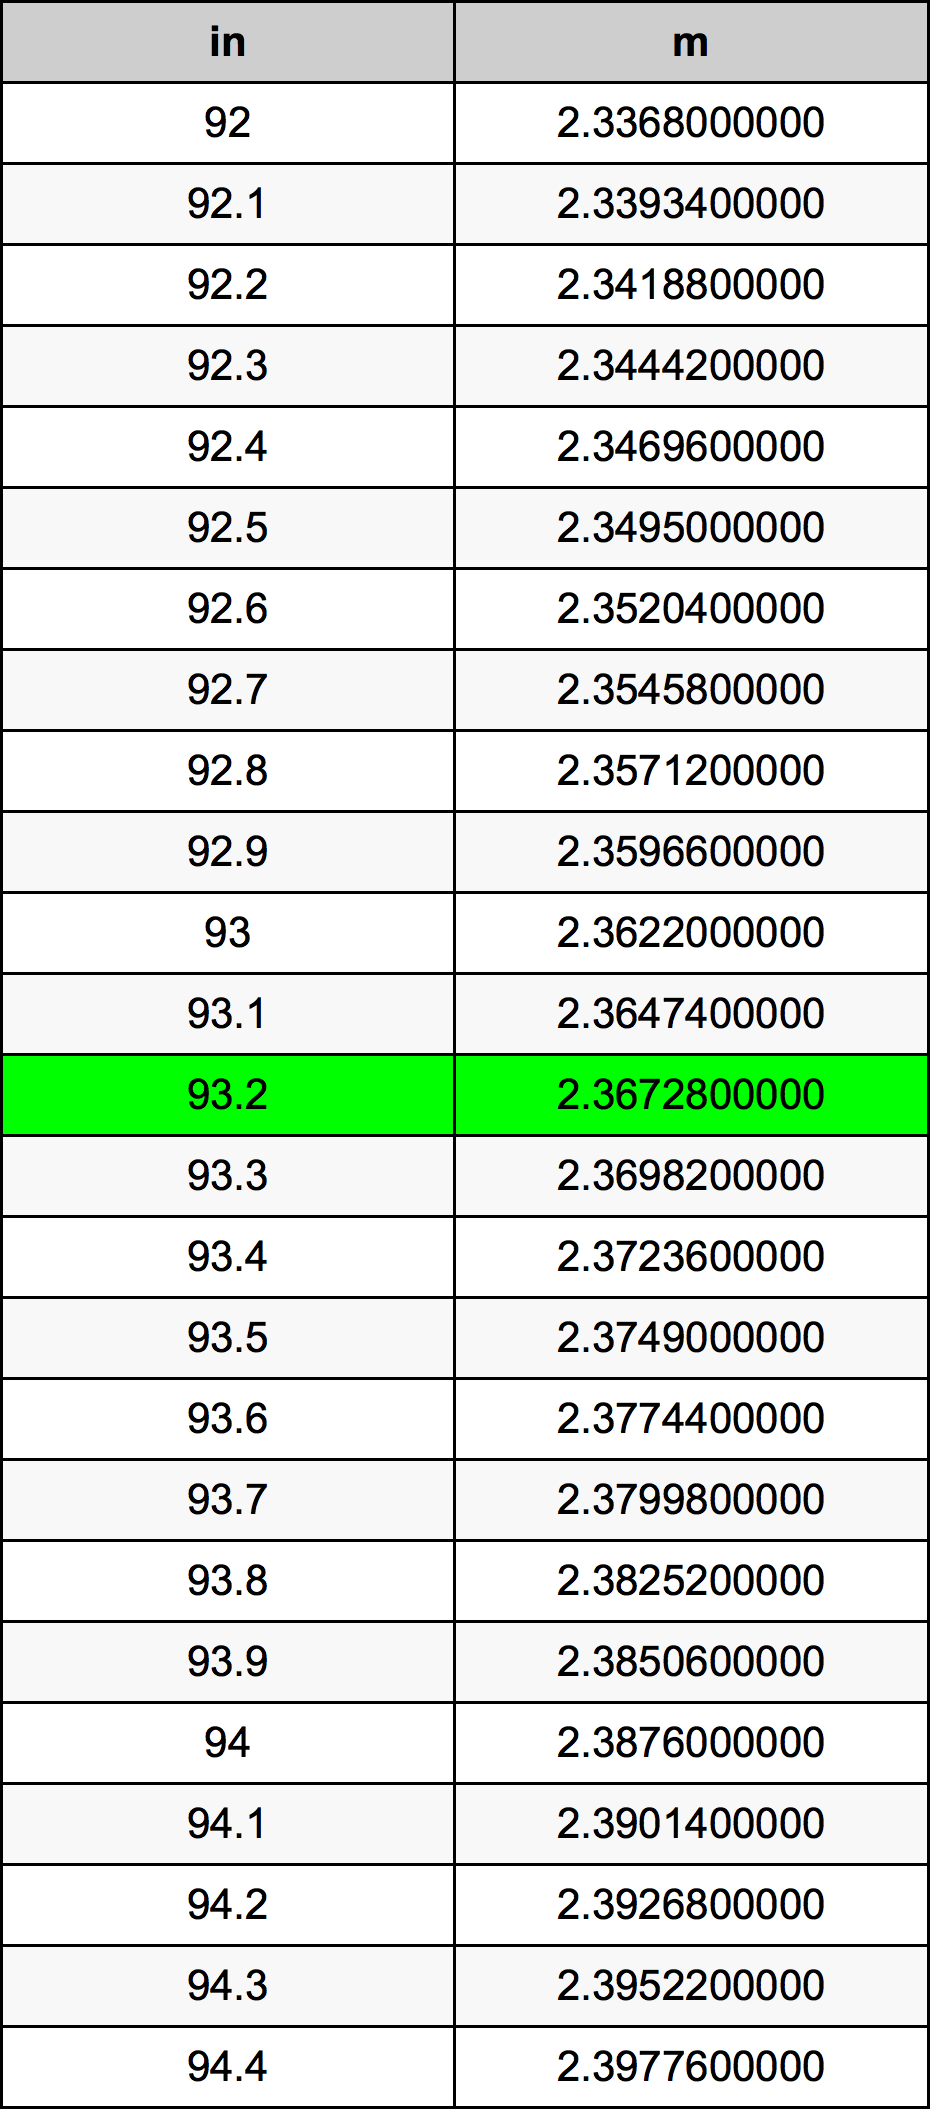 93.2 Inç Table